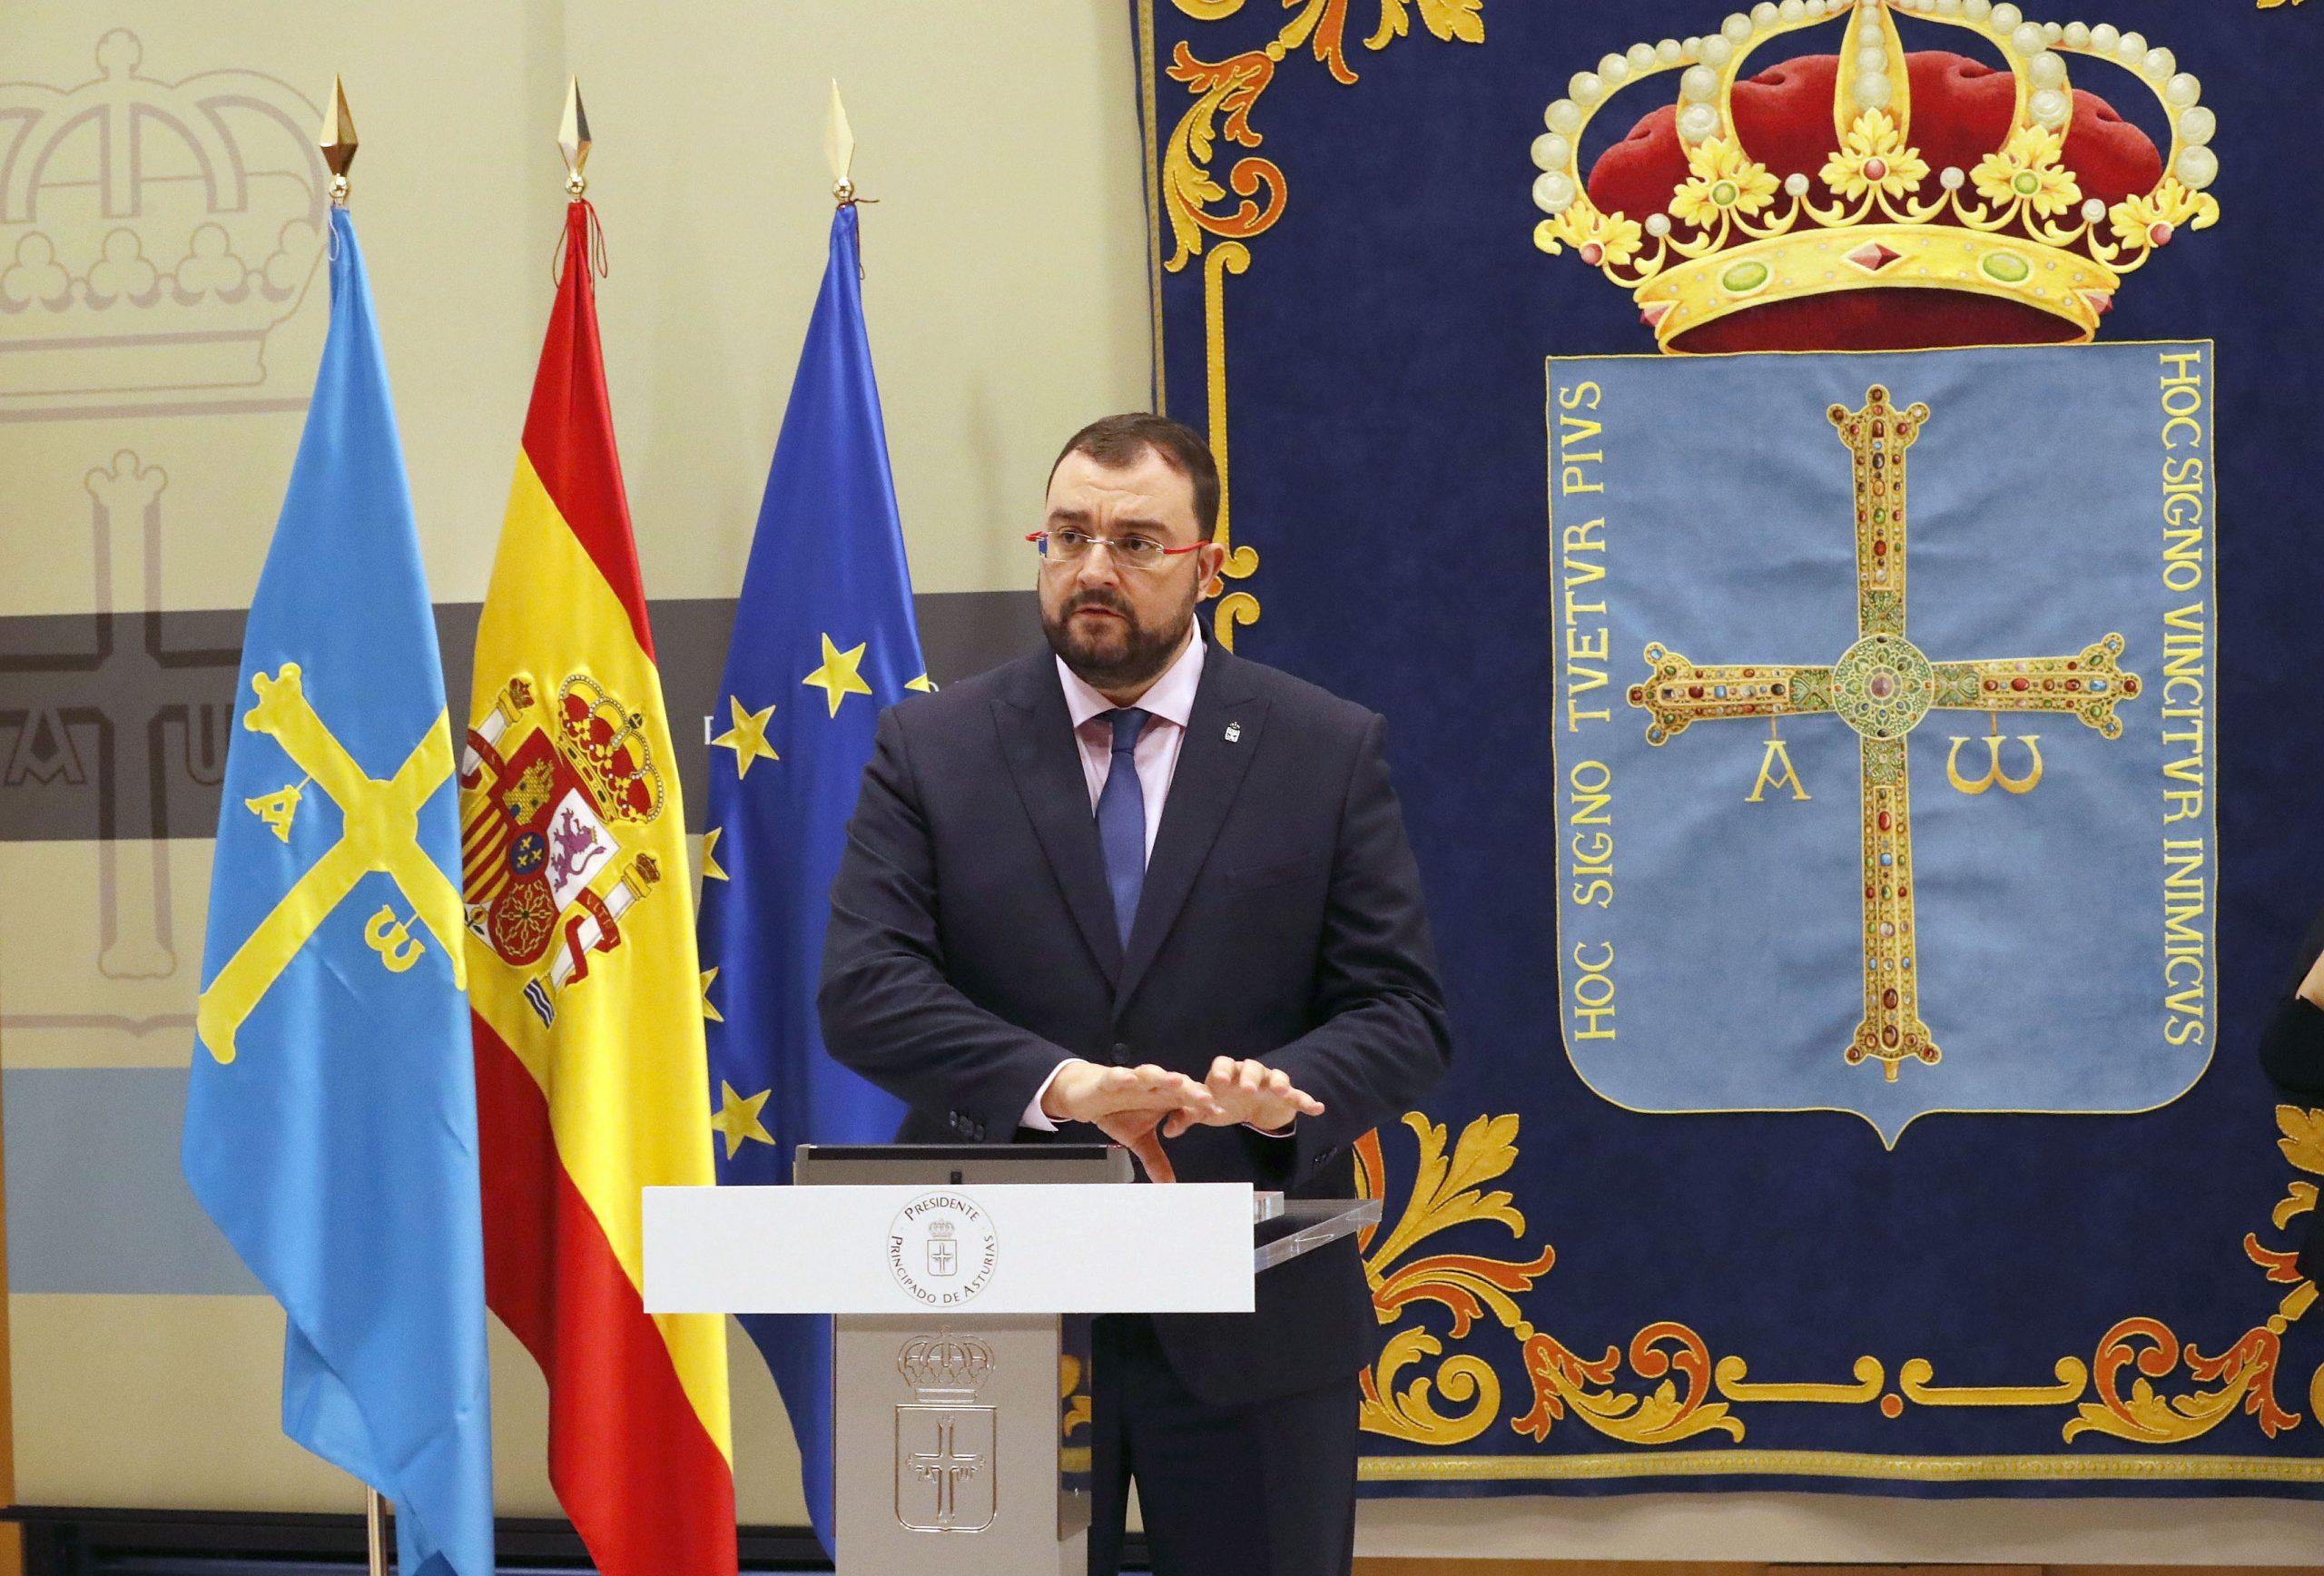 El presidente reestructura el Gobierno para afrontar la modernización de la Administración autonómica